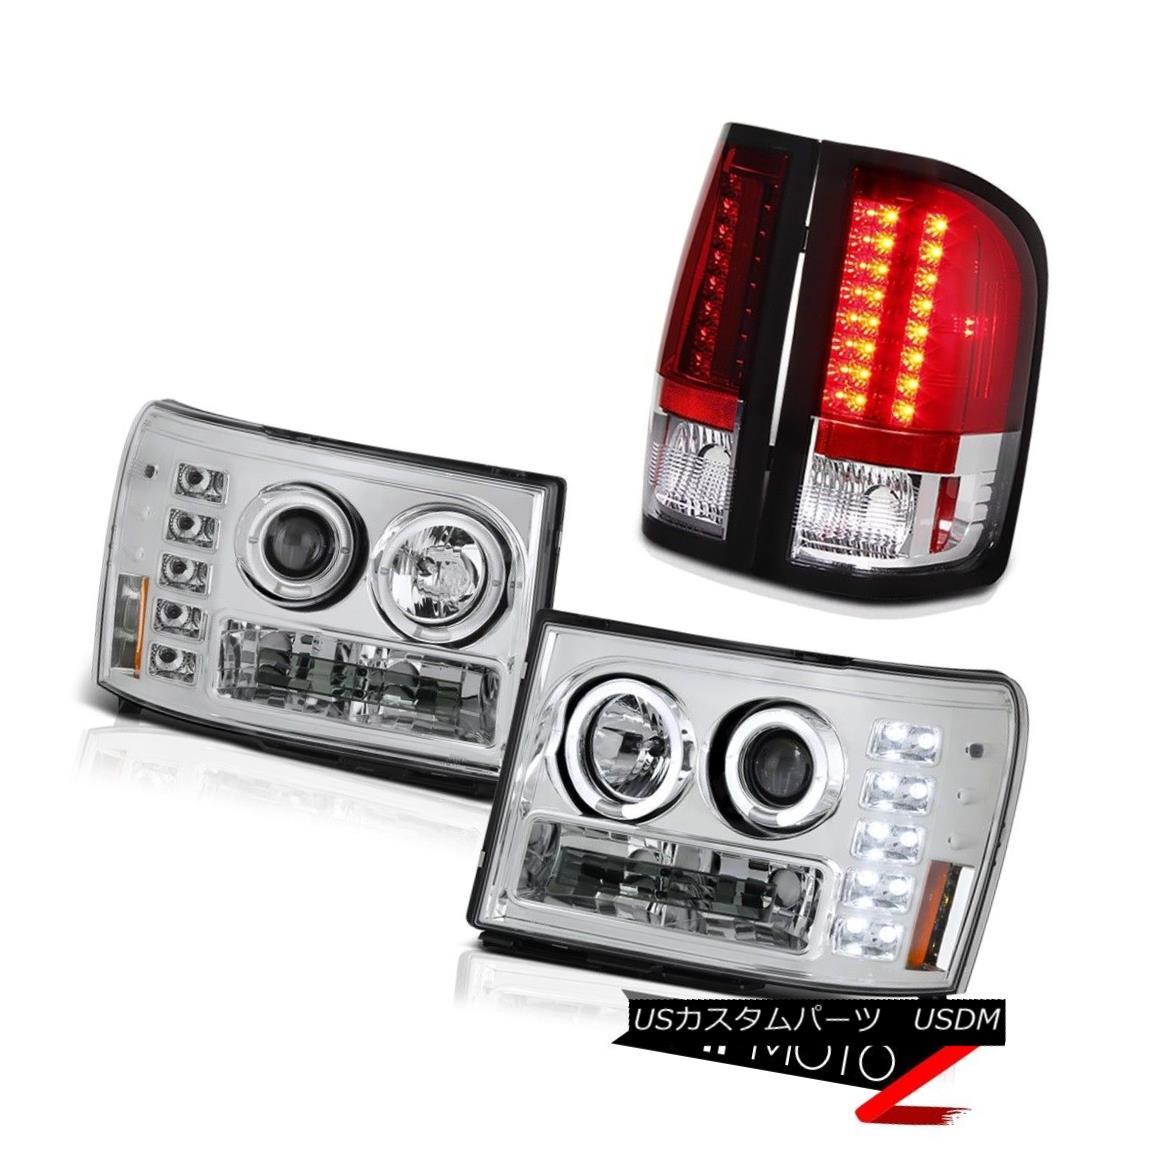 テールライト 08-14 GMC Sierra 6.0L WT Angel Eye Projector Headlight LED Bulb Brake Tail Light 08-14 GMC Sierra 6.0L WTエンジェルアイプロジェクターヘッドライトLED電球ブレーキテールライト